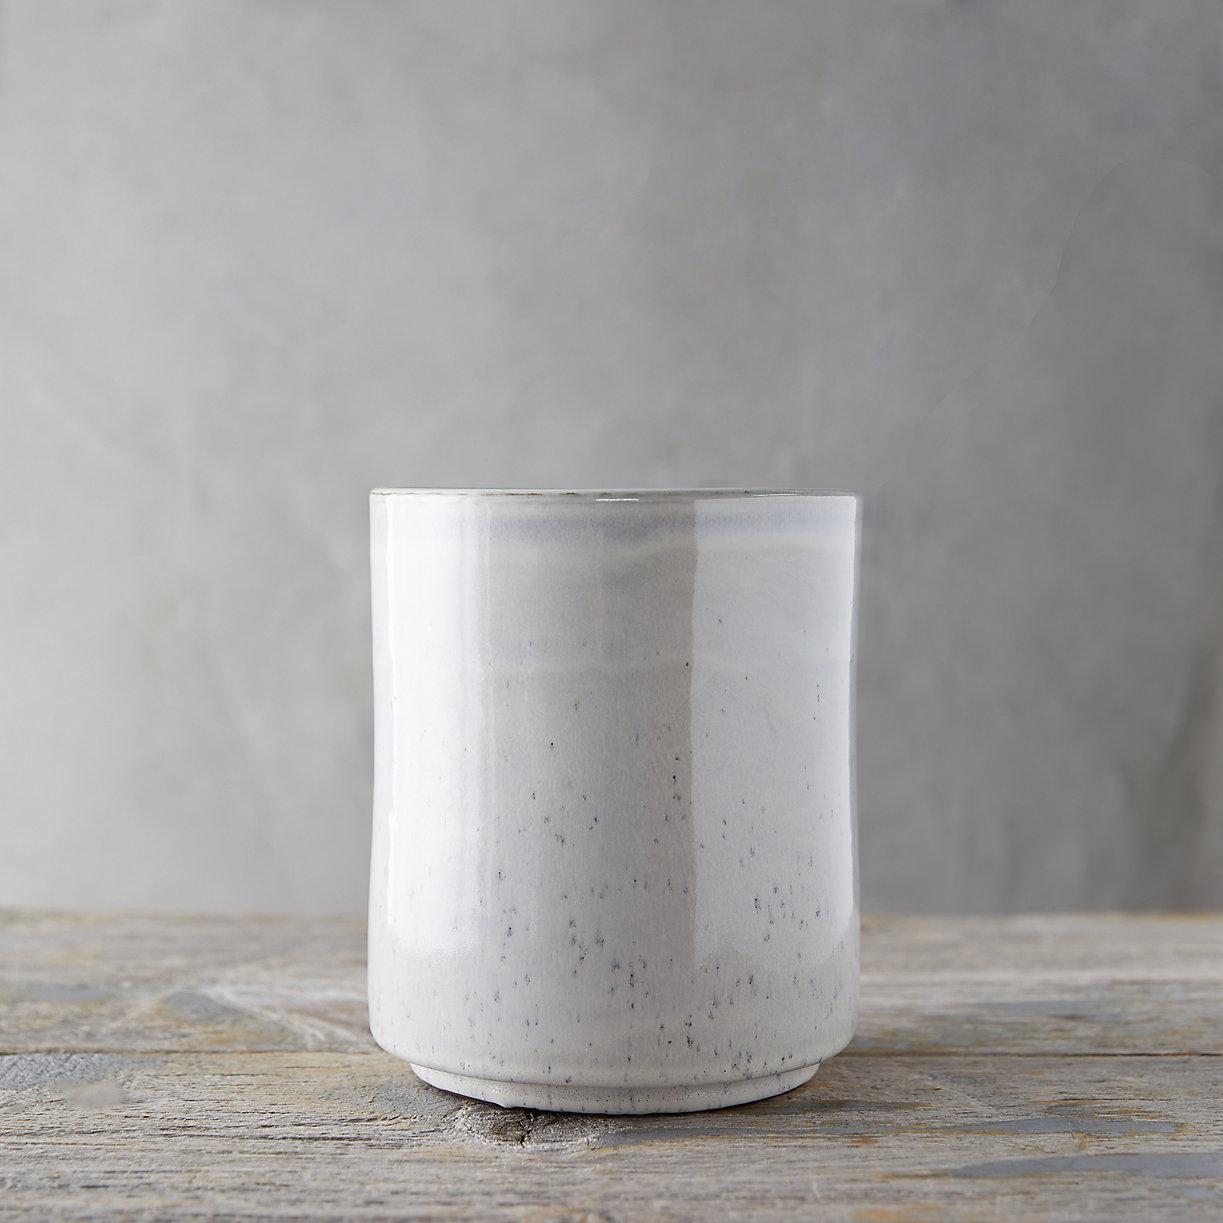 Speckled Ceramic Utensil Holder Terrain